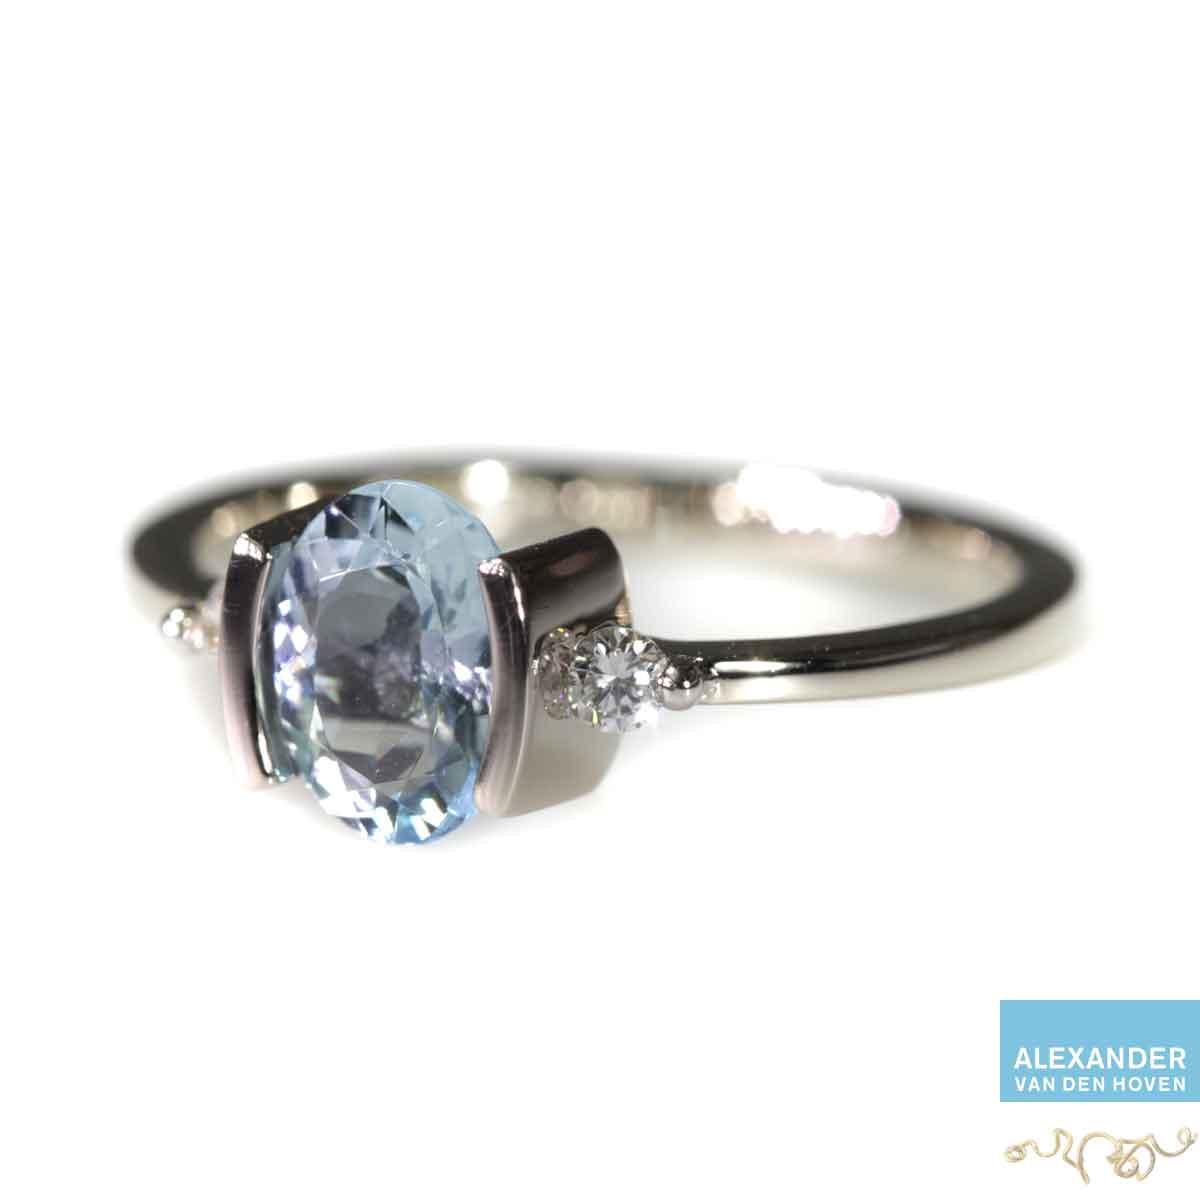 witgouden ring met aquamarijn en diamanten briljant geslepen platina